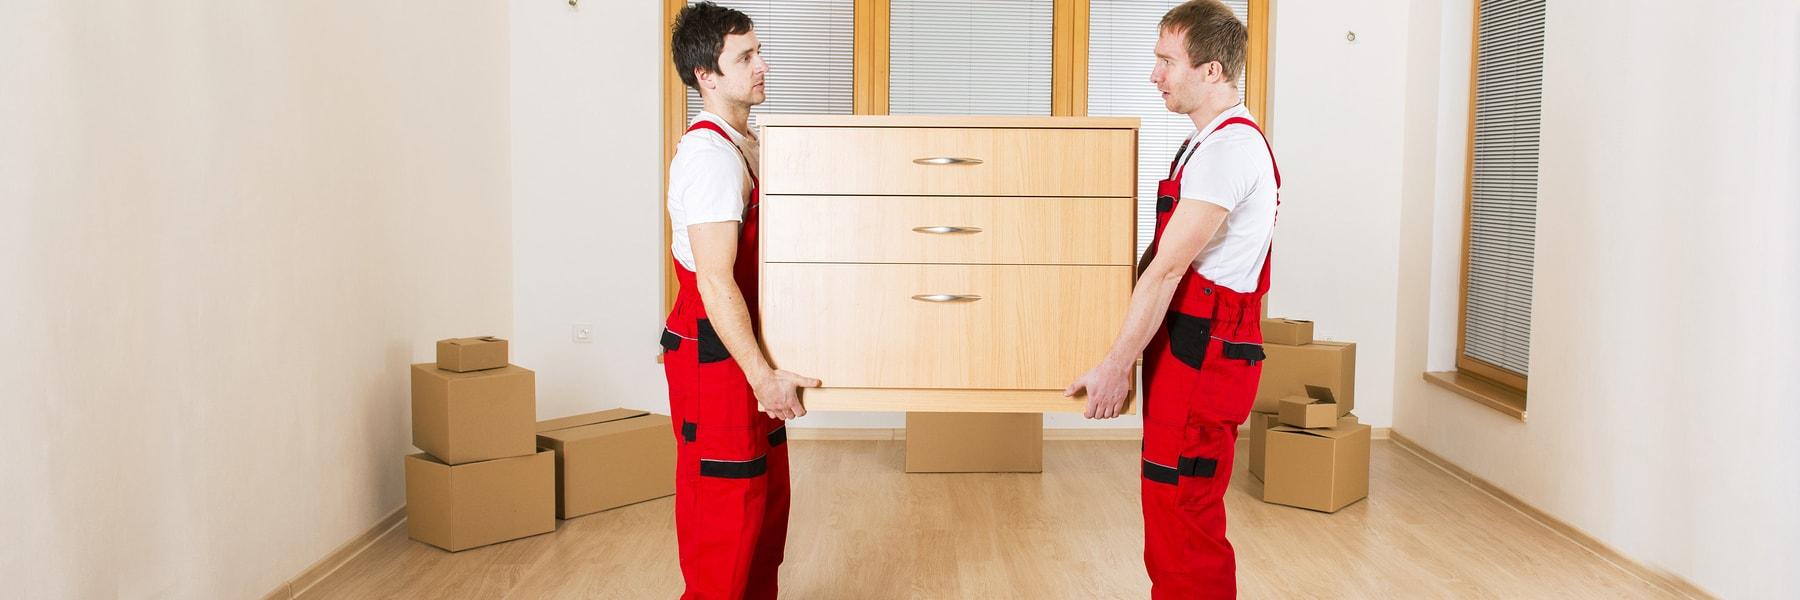 Доставка меблів в Канаду з України